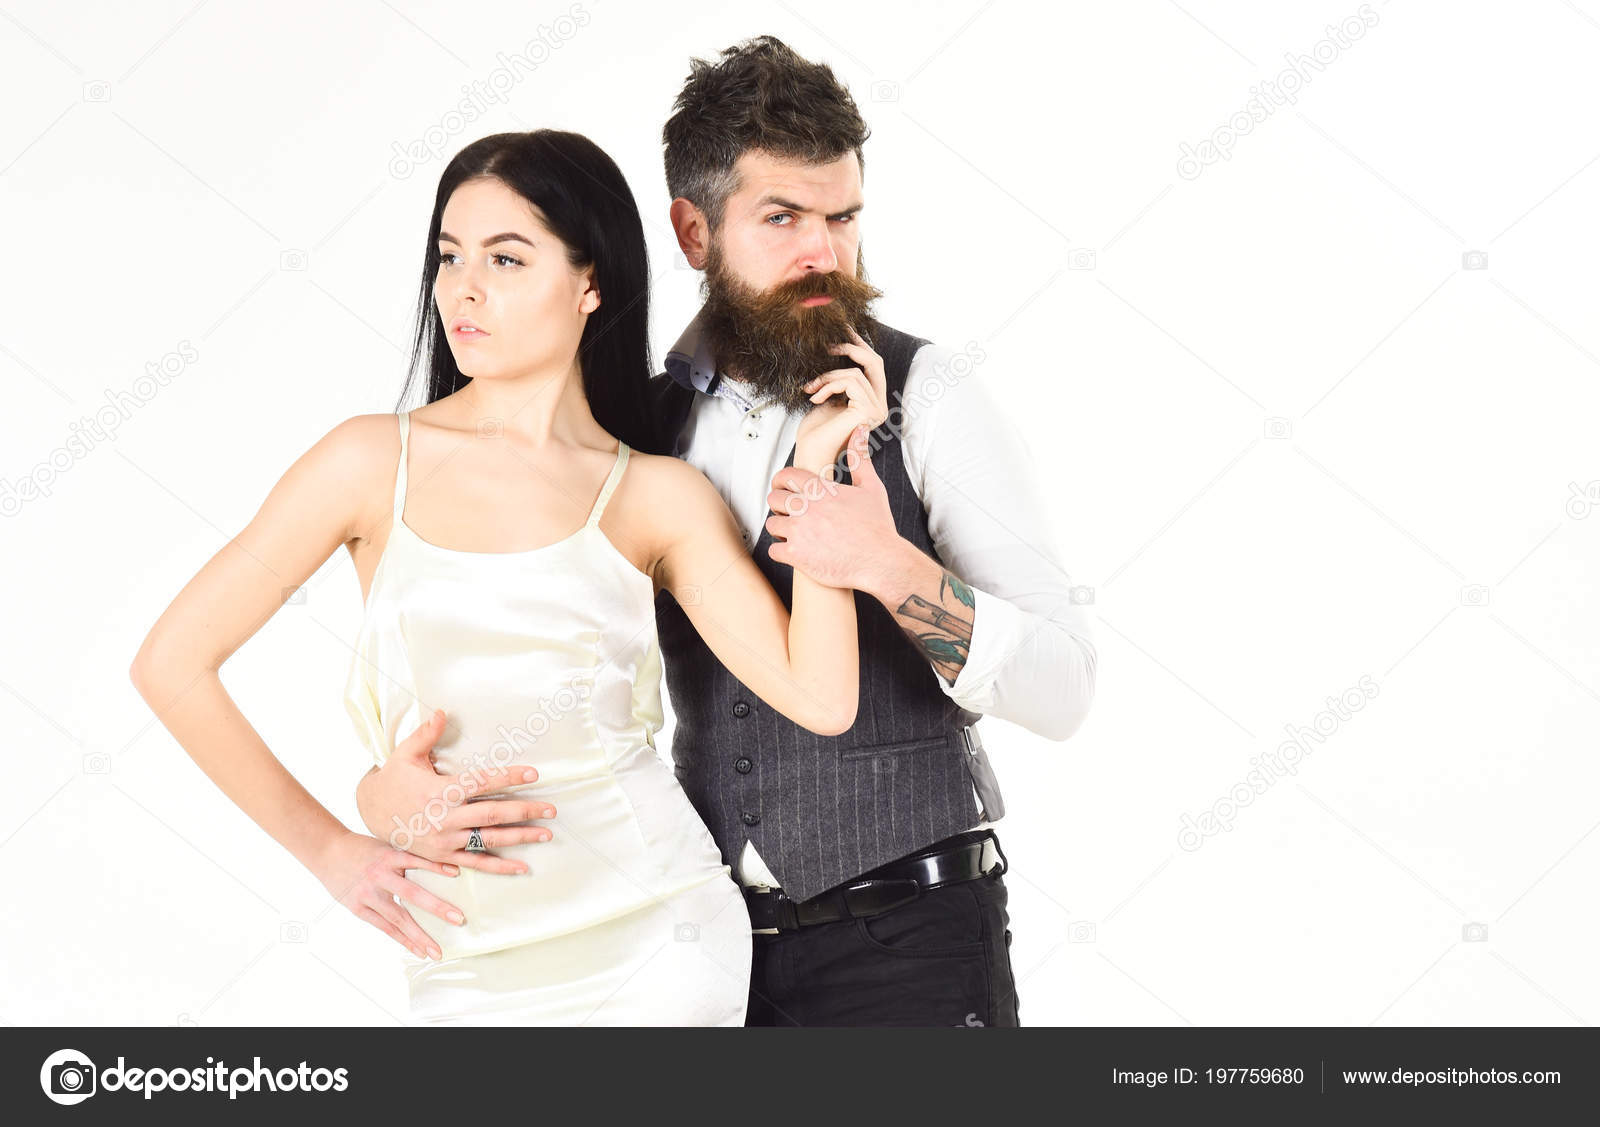 Hipster Matrimonio Uomo : Concetto di matrimonio. donna in abito da sposa e uomo in maglia